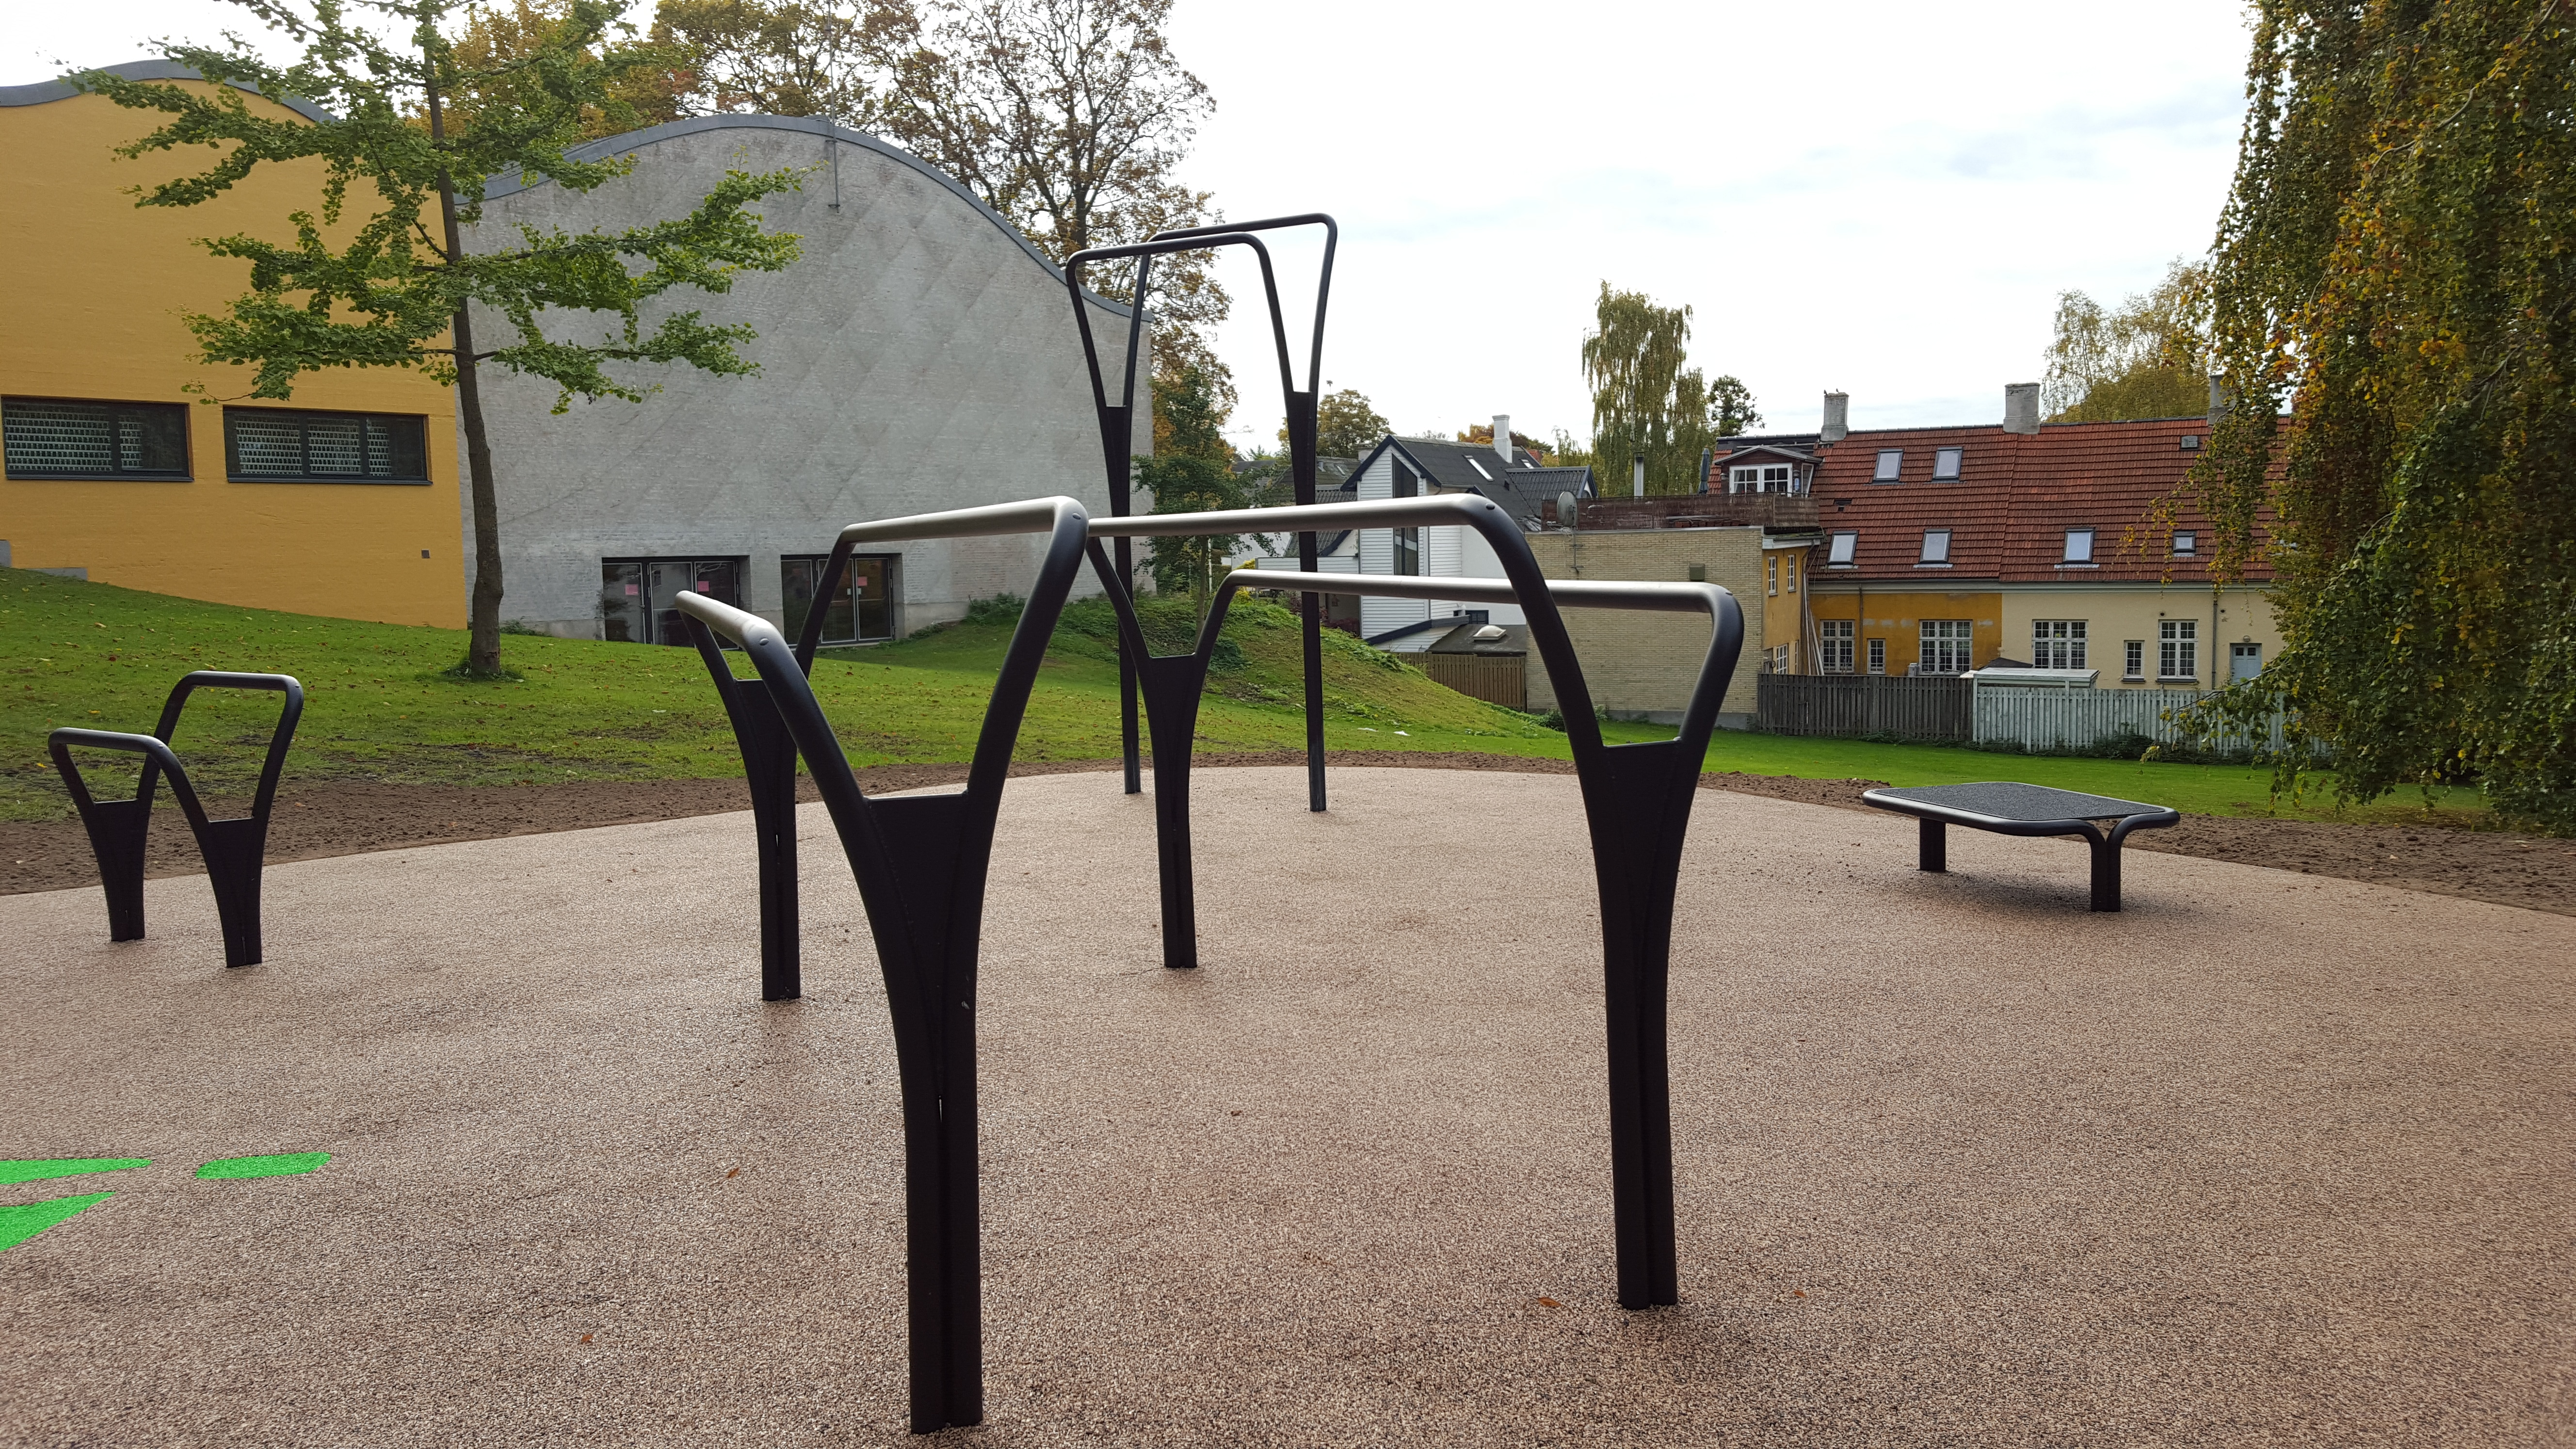 udendørs motionsredskaber parallel bar Roskilde Gymnasium